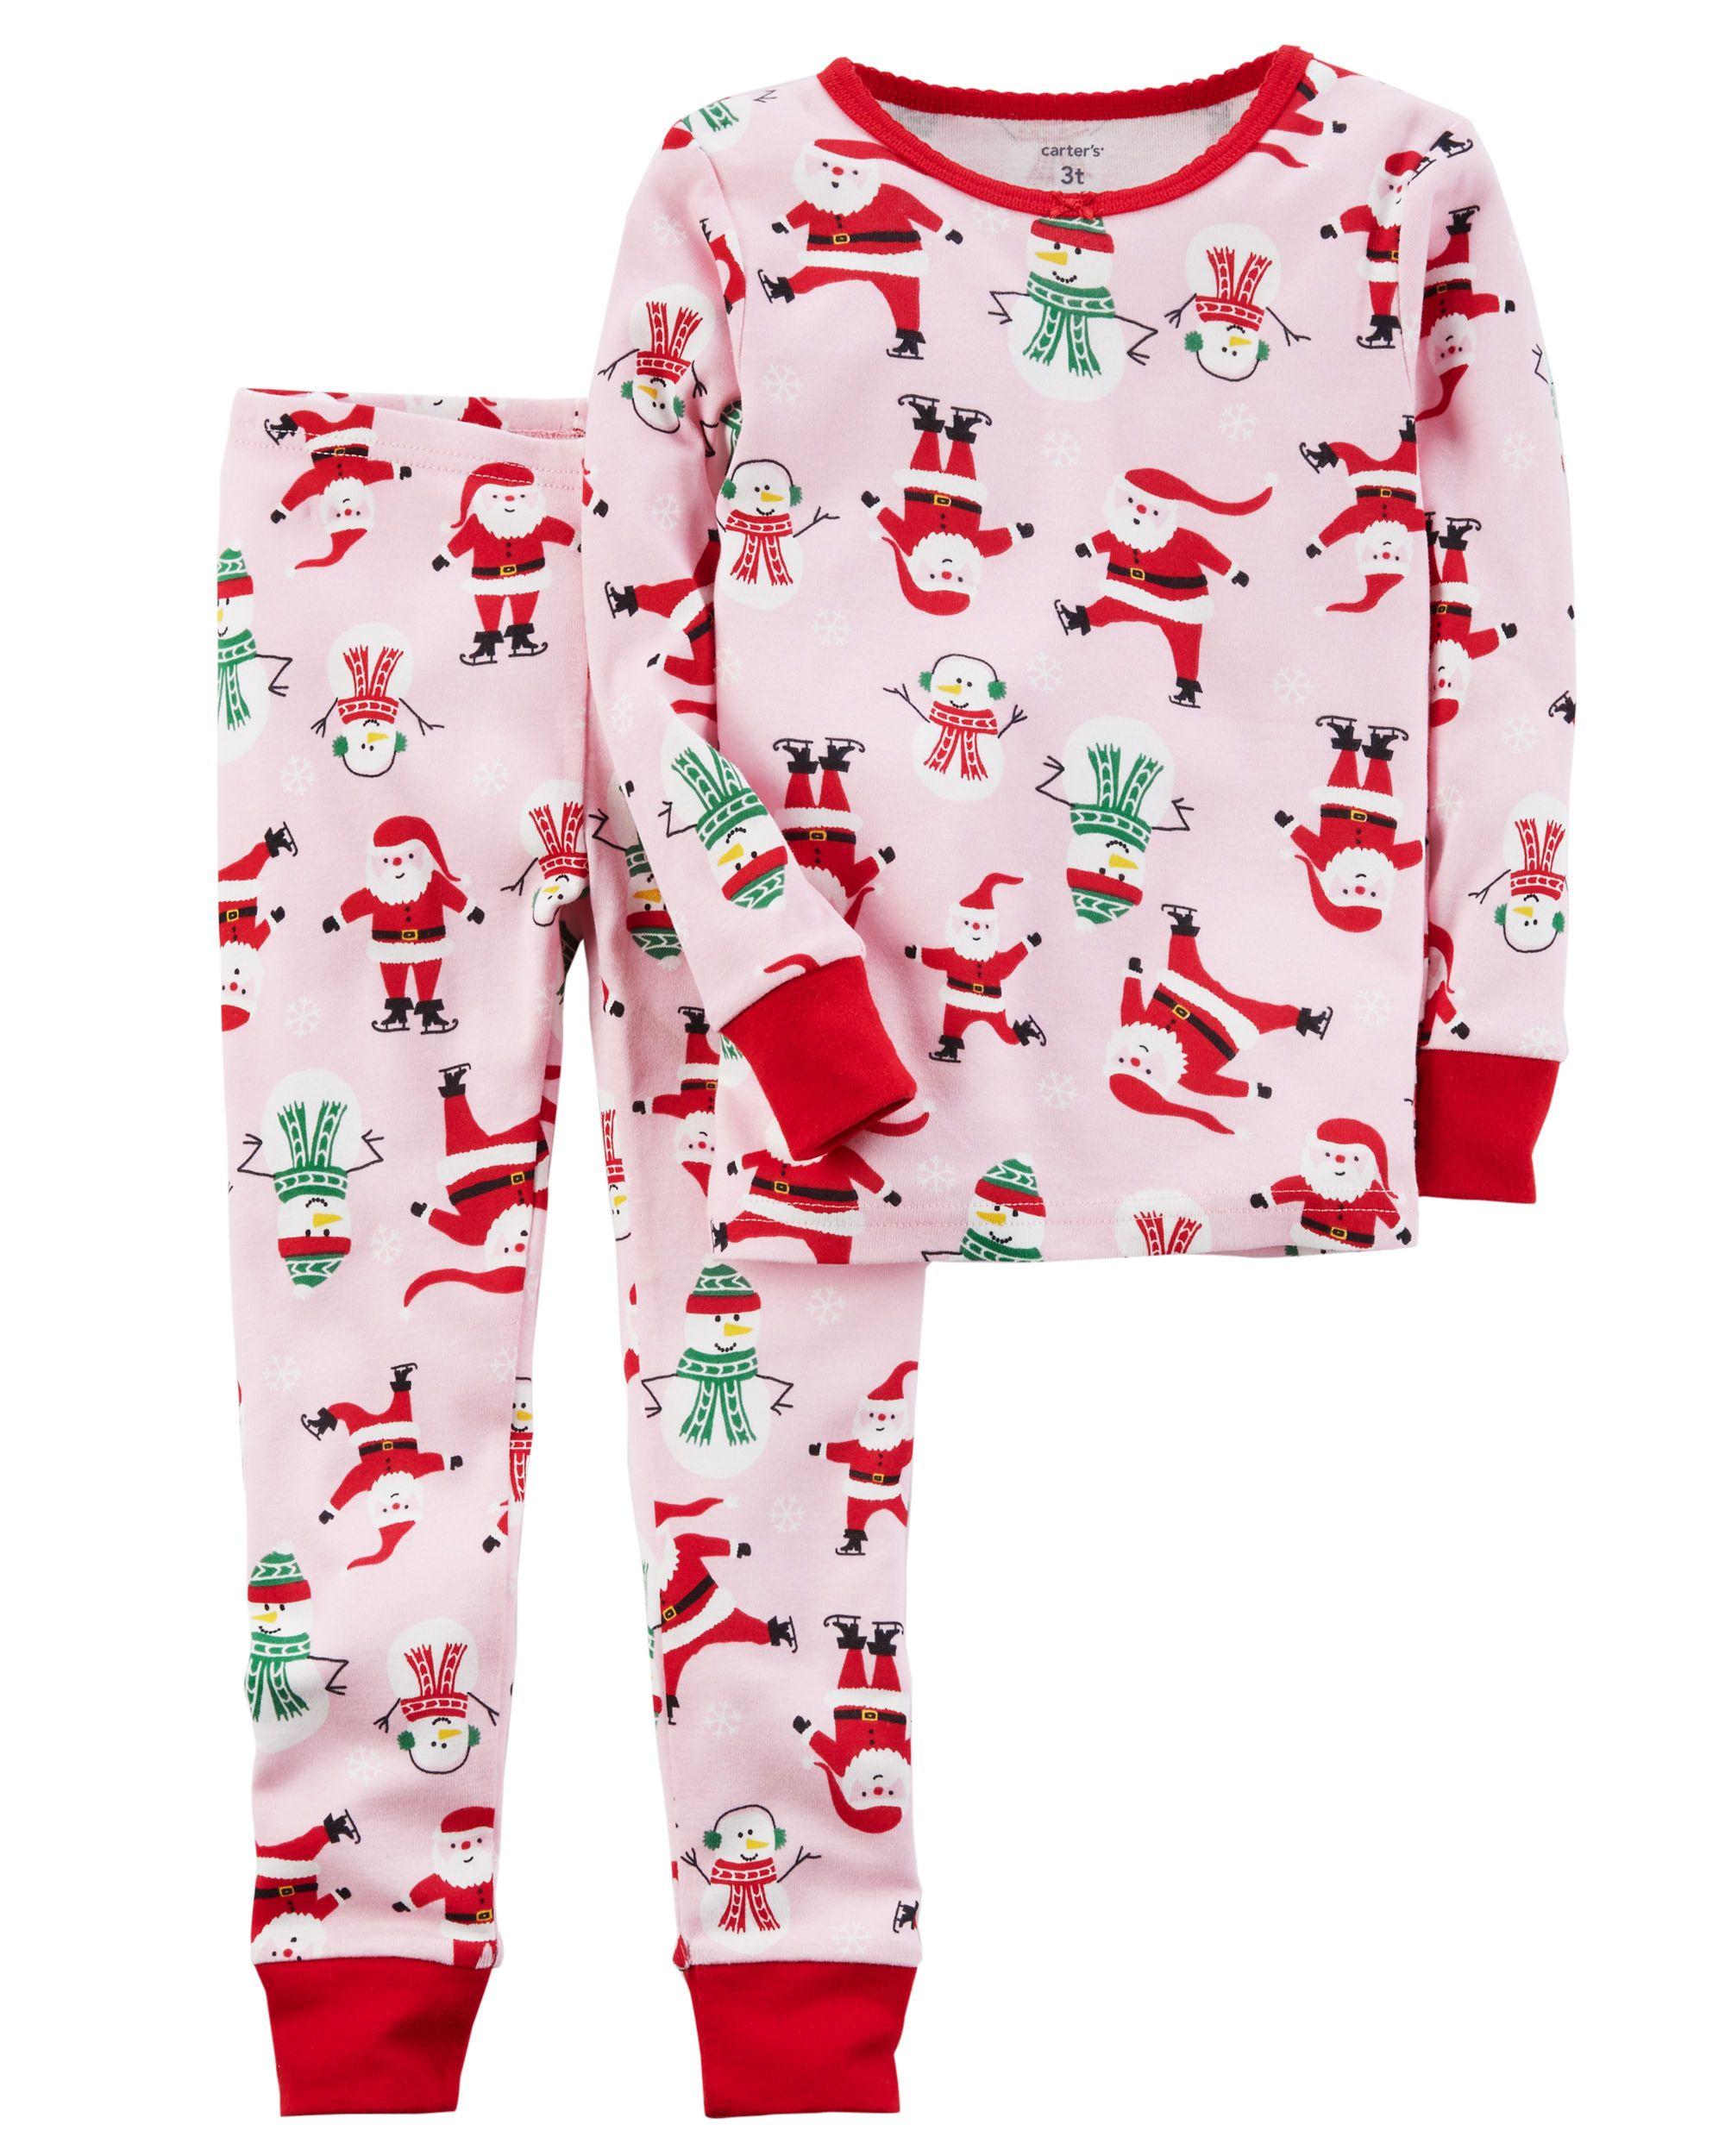 0d051900f0 2-Piece Christmas Snug Fit Cotton PJs